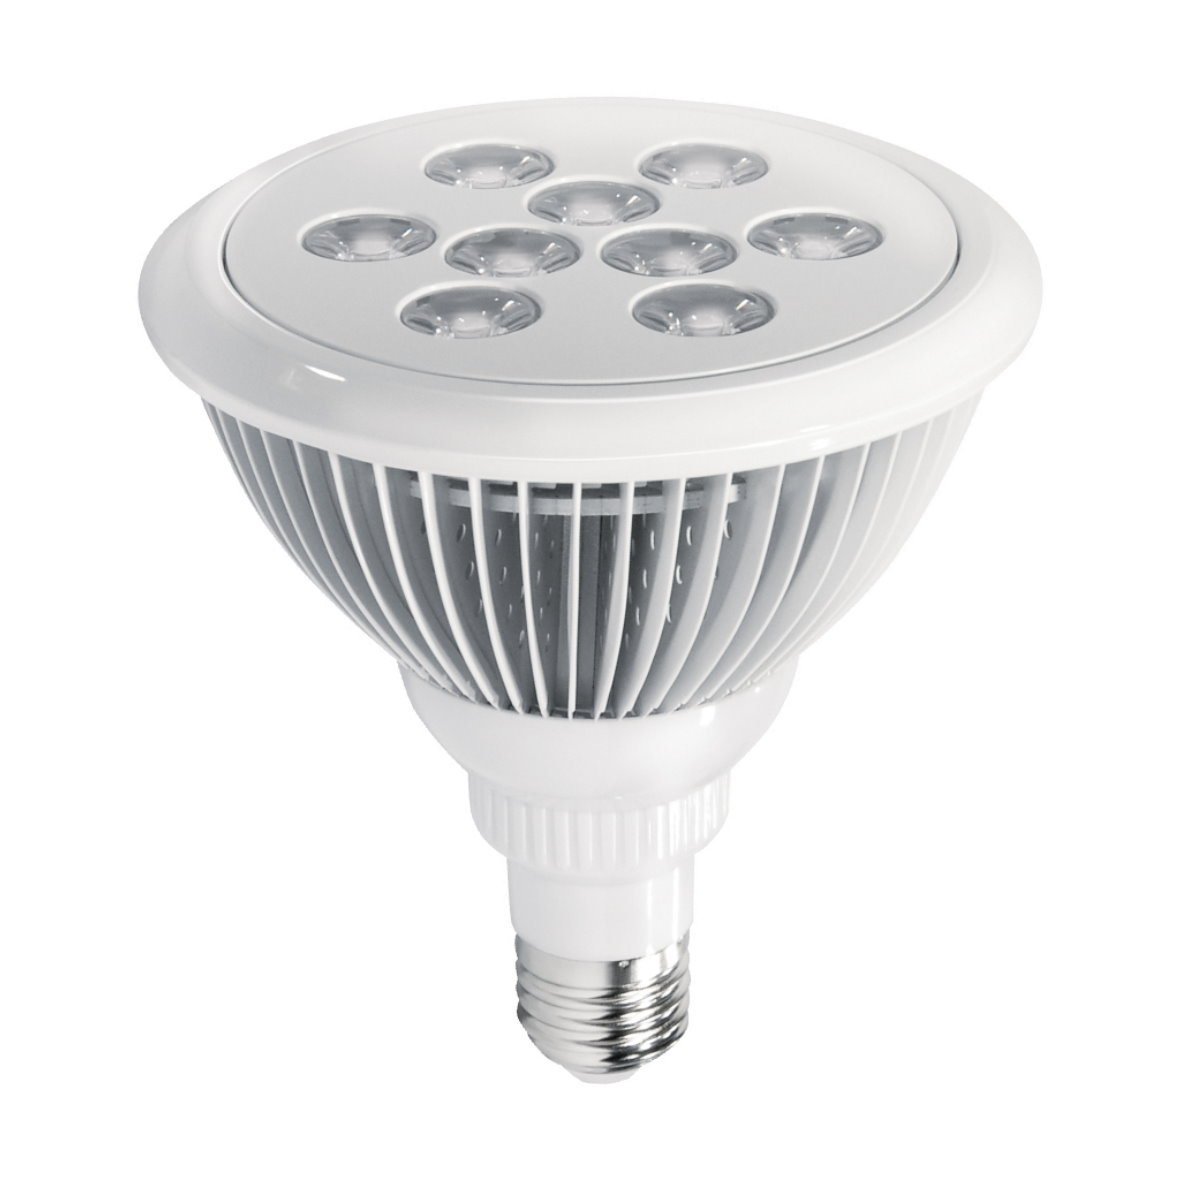 led leuchtmittel par30 par38 e27 strahler spot lampe leuchte scheinwerfer par ebay. Black Bedroom Furniture Sets. Home Design Ideas